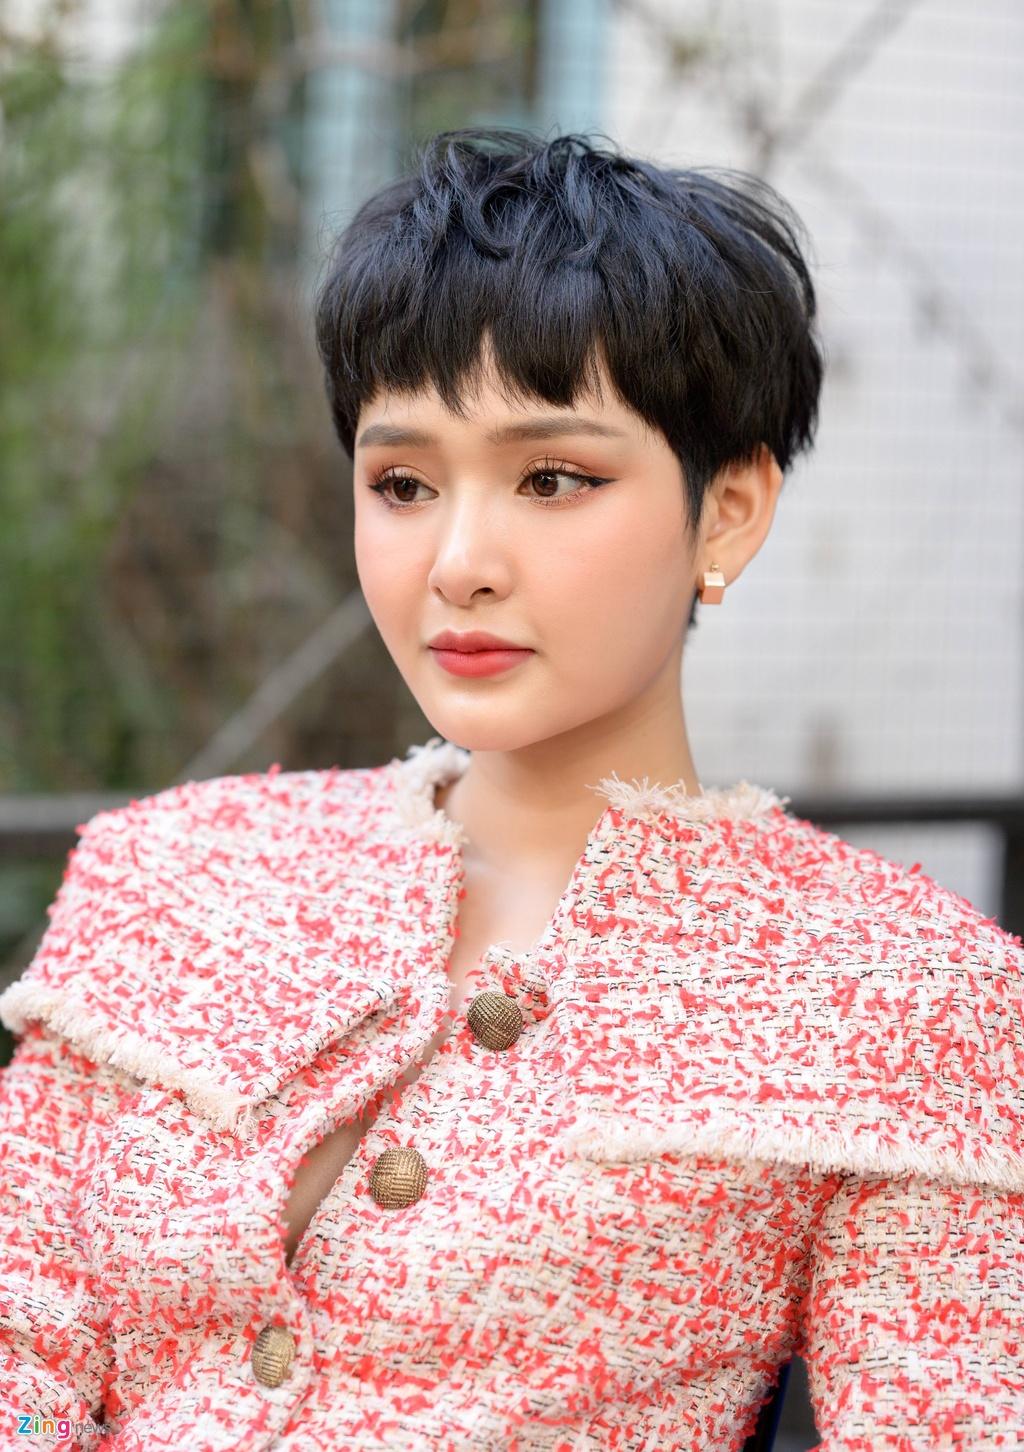 Hien Ho: 'Toi do, nhat nhung khong vo duyen' hinh anh 9 hienho6_zing.jpg